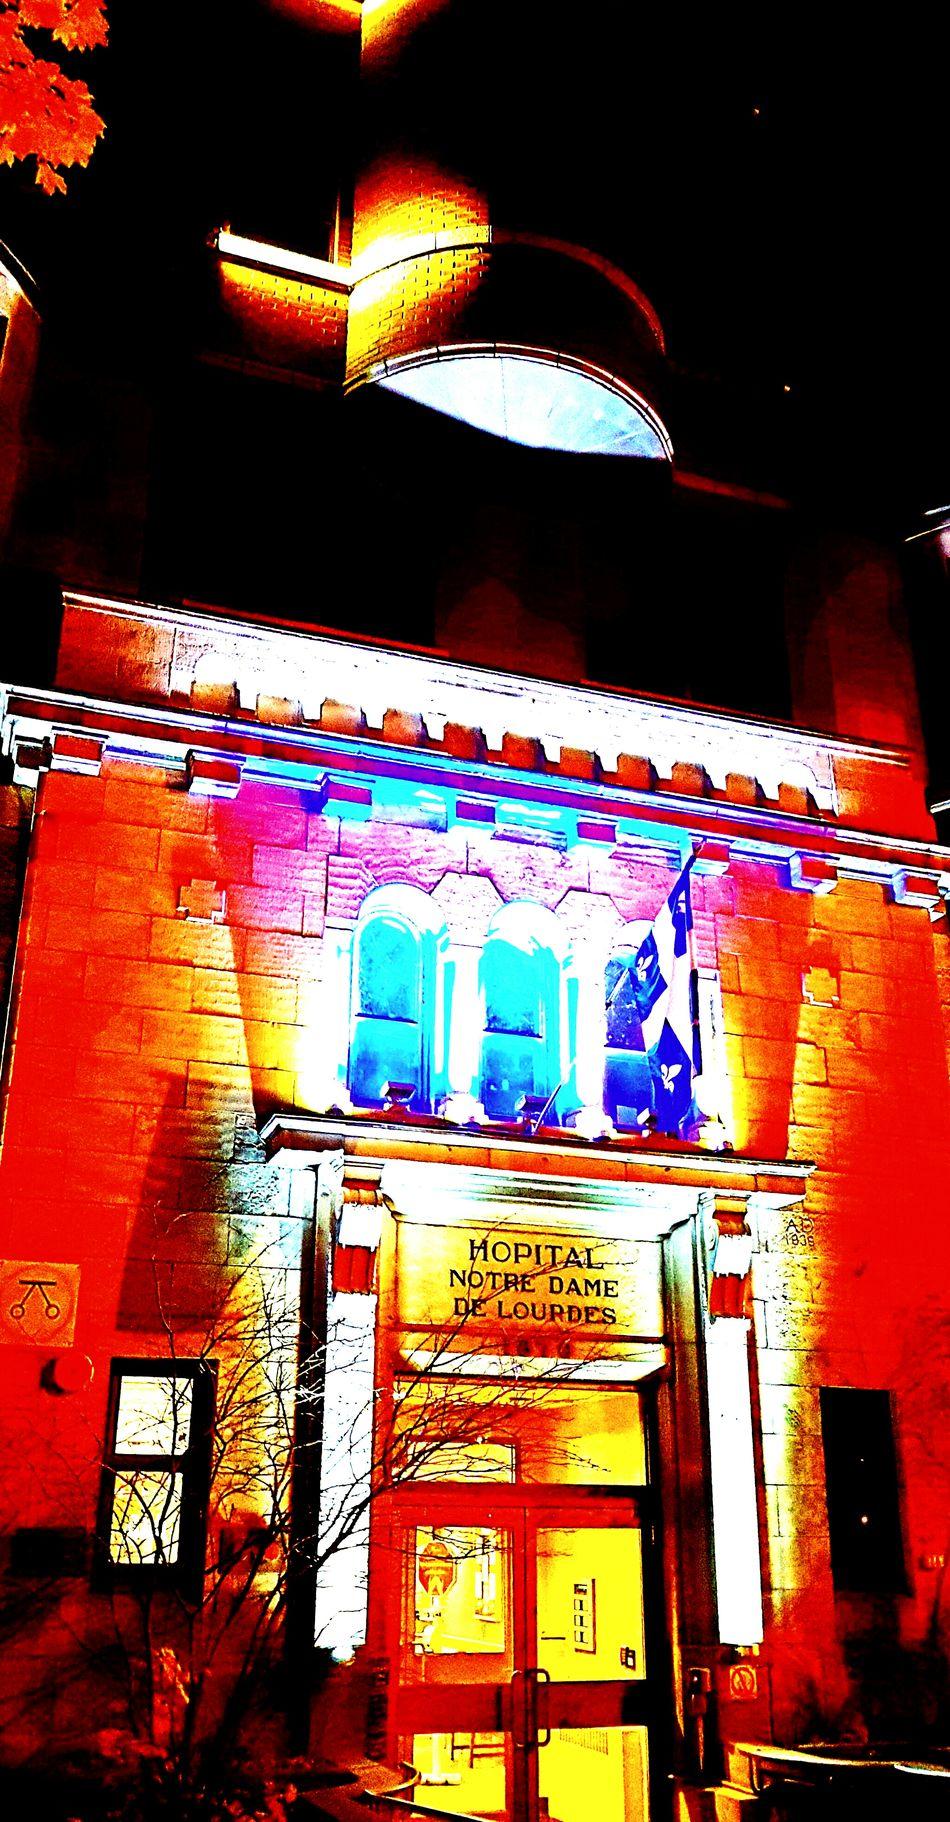 Montréal Notre Dame De Lourdes Quebec Drapeau Du Québec Hochelaga Homa Hôpital Neon Architecture Multi Colored